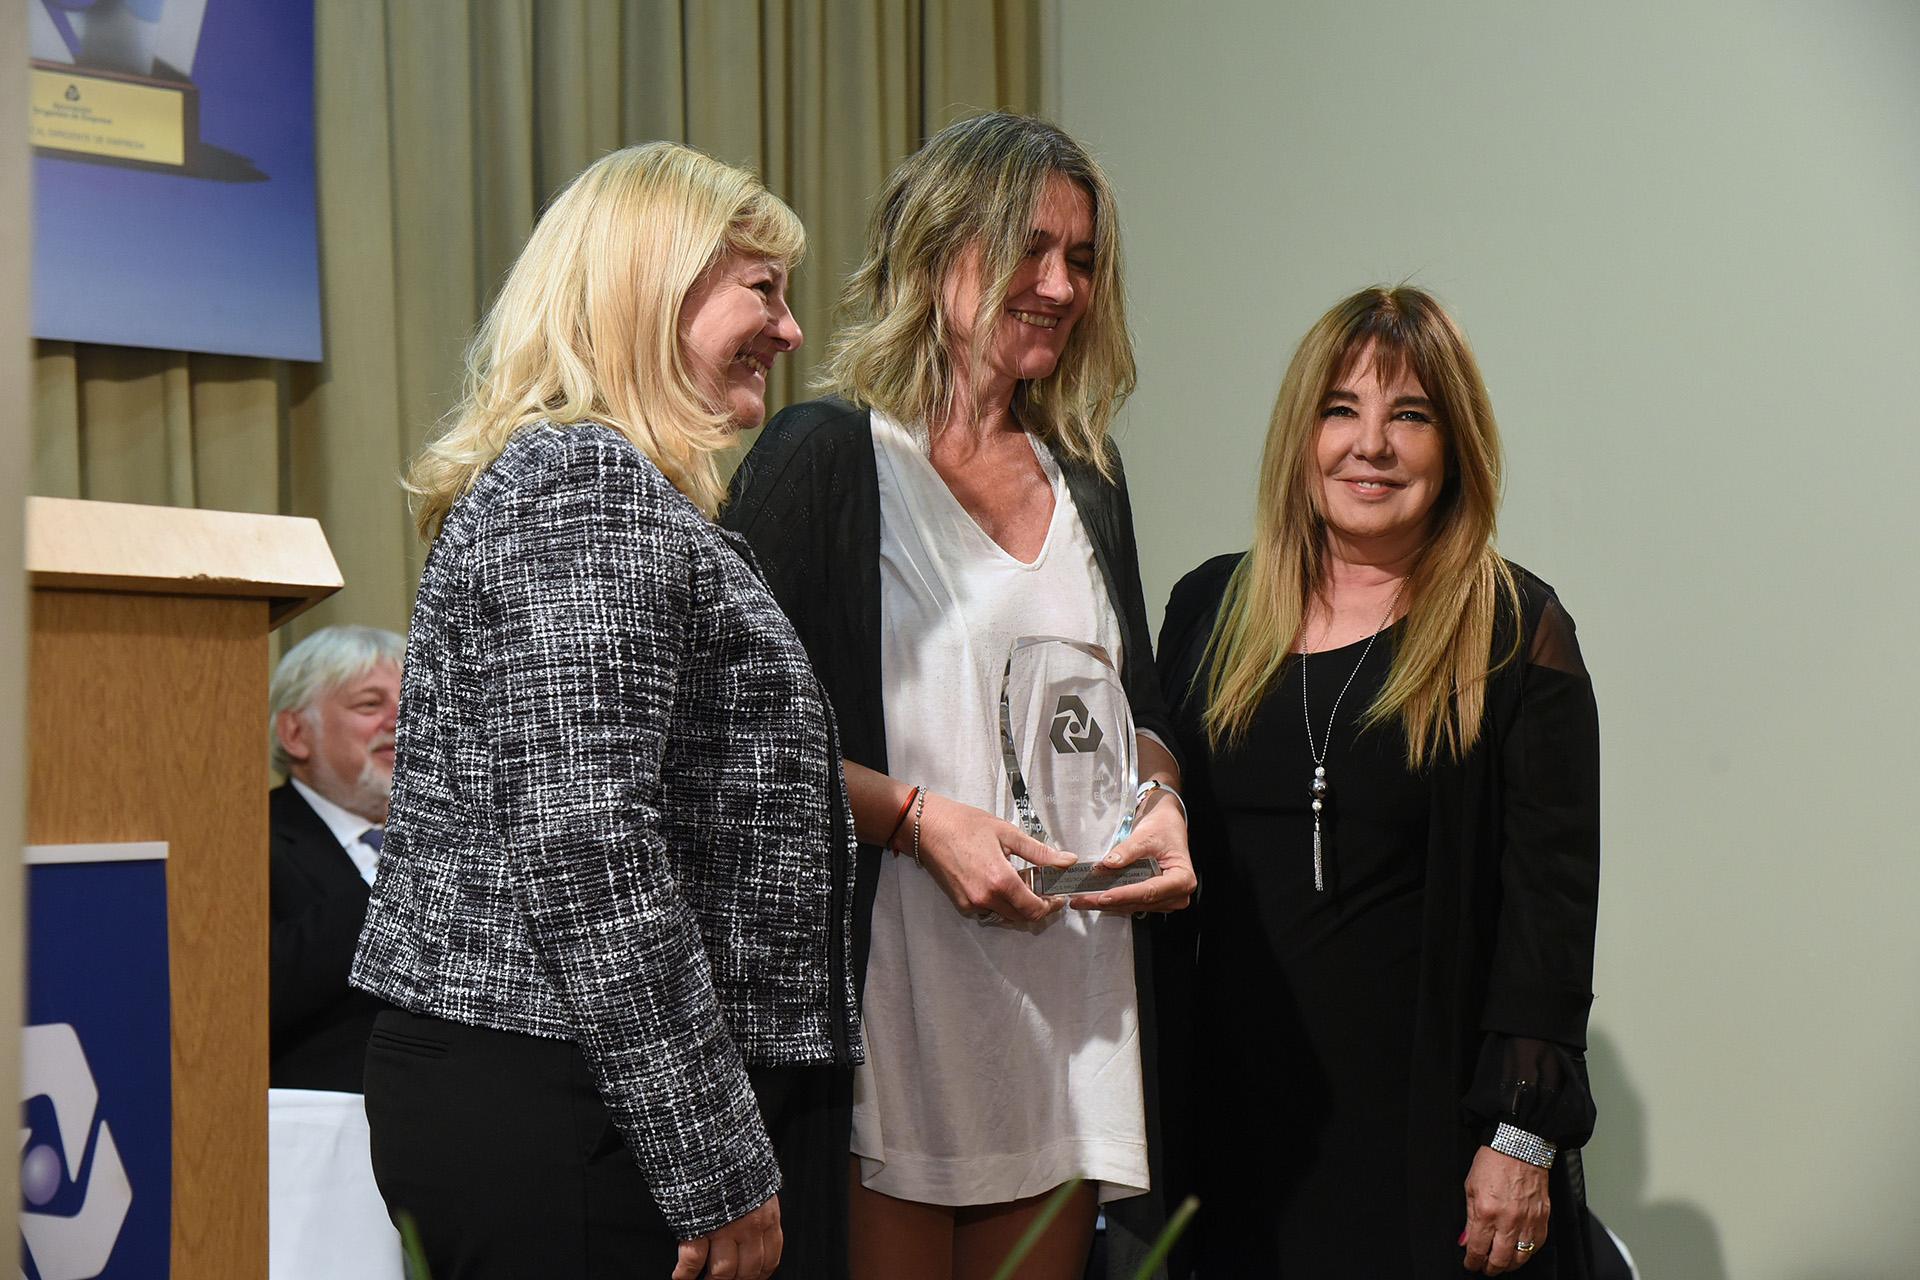 Reconocimiento especial para María Beatriz (Pilu) Giraudo, por su destacada labor como empresaria, y su apoyo e impulso al sector agrario de nuestro país